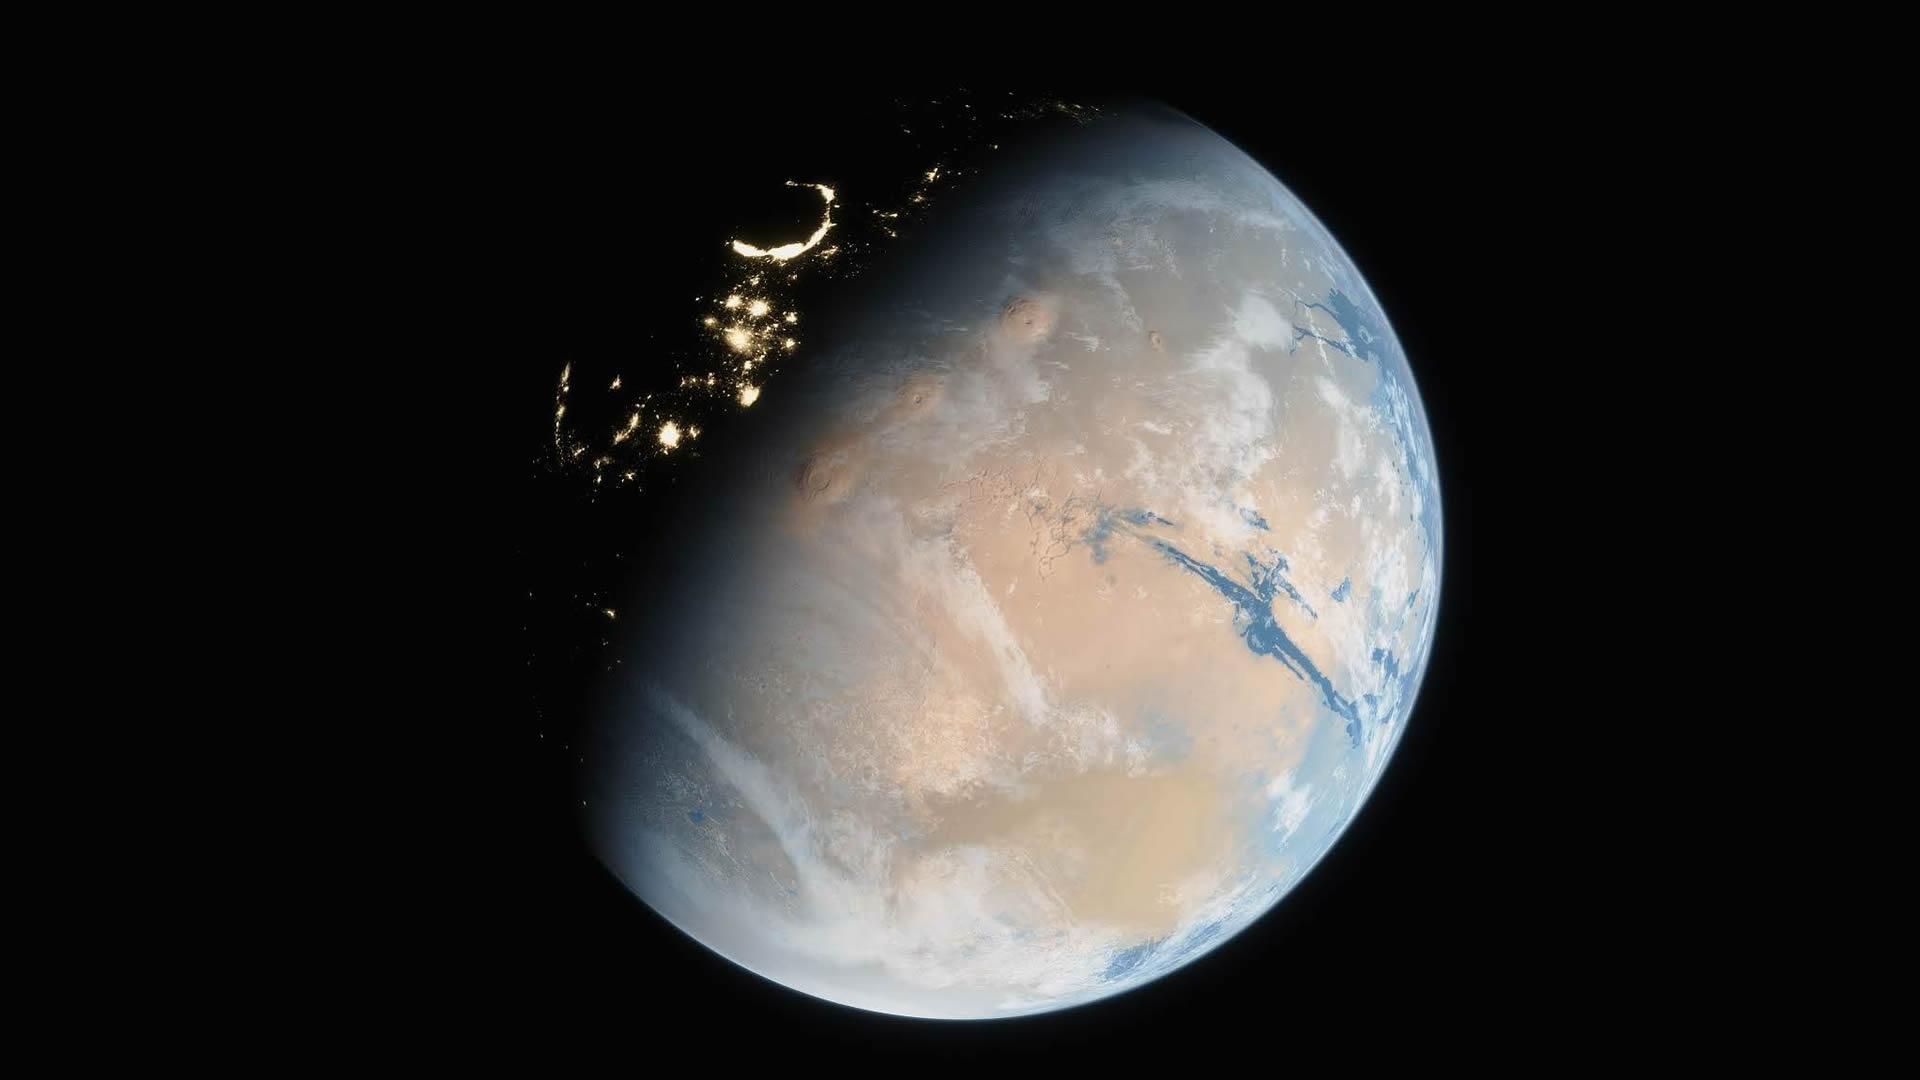 Punto para la Panspermia: La vida pudo venir de Marte. Nueva investigación confirma que es posible